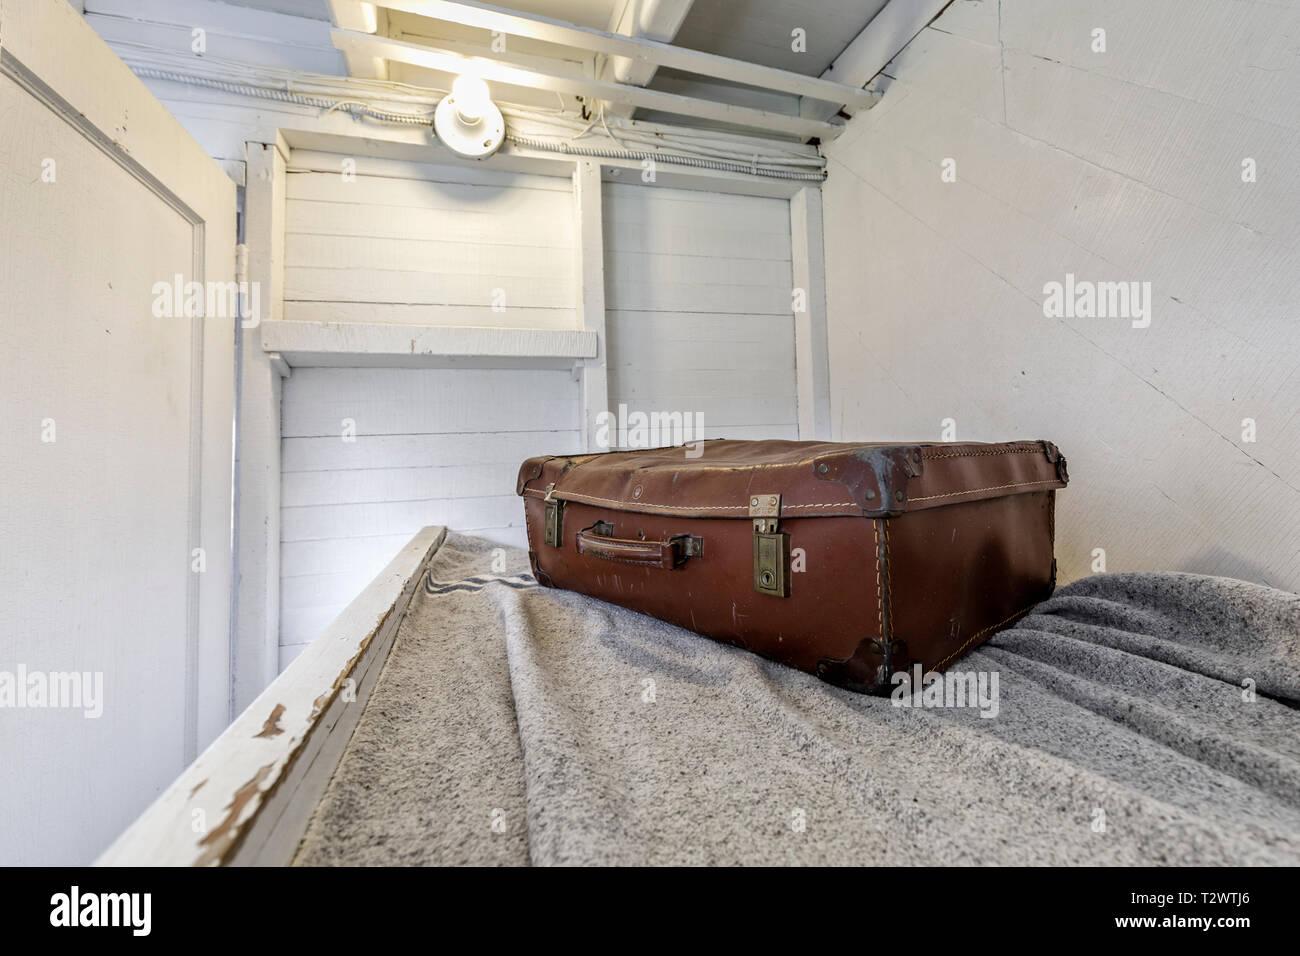 Vintage bagagli su una delle navi passeggeri cuccetta di cabina del SS Keenora steamship presso il Museo della Marina di Manitoba, Selkirk, Manitoba, Canada. Immagini Stock